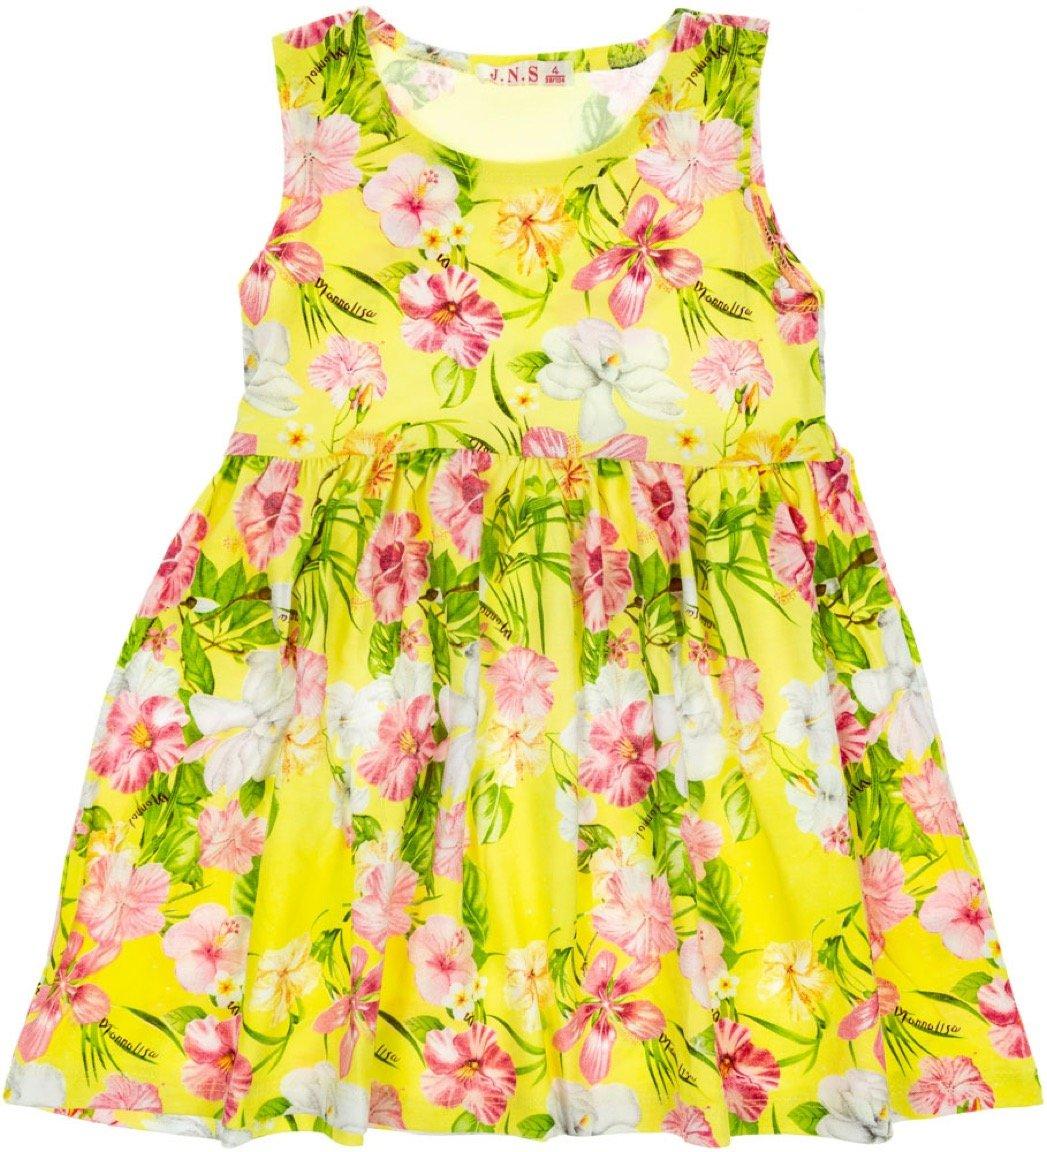 JNS παιδικό φόρεμα «Yellow Magnolia»